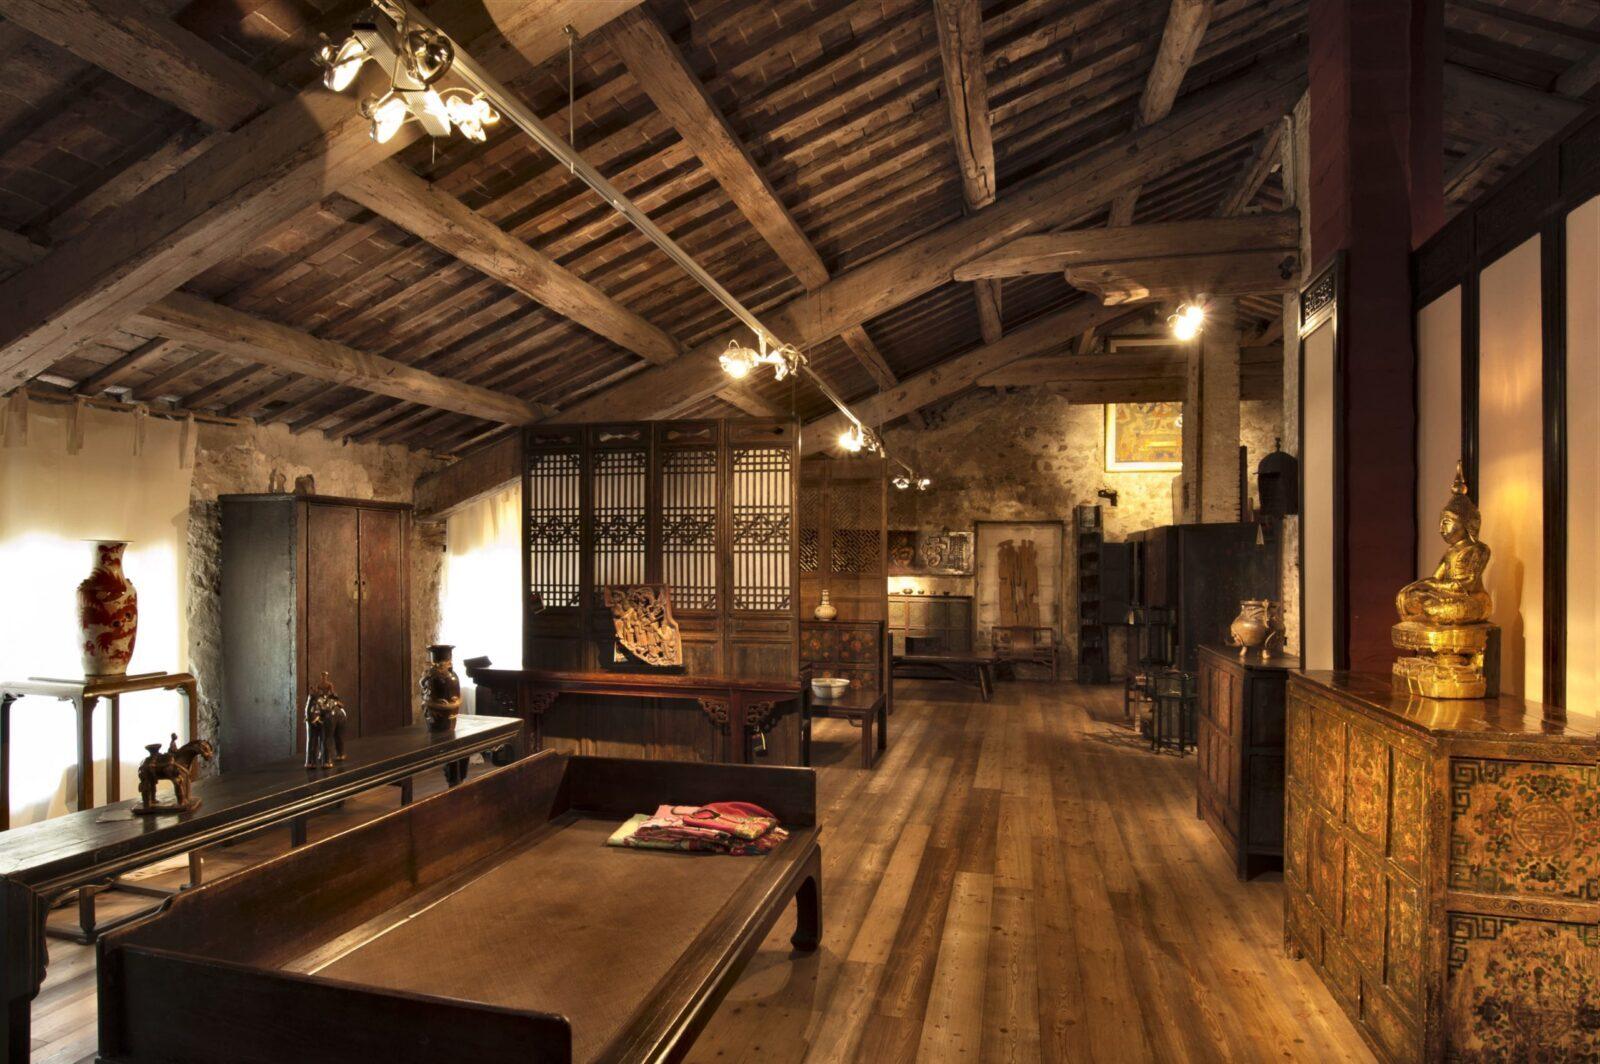 Vendita mobili e arredamenti antichi orientali   Galleria Thais - Vicenza